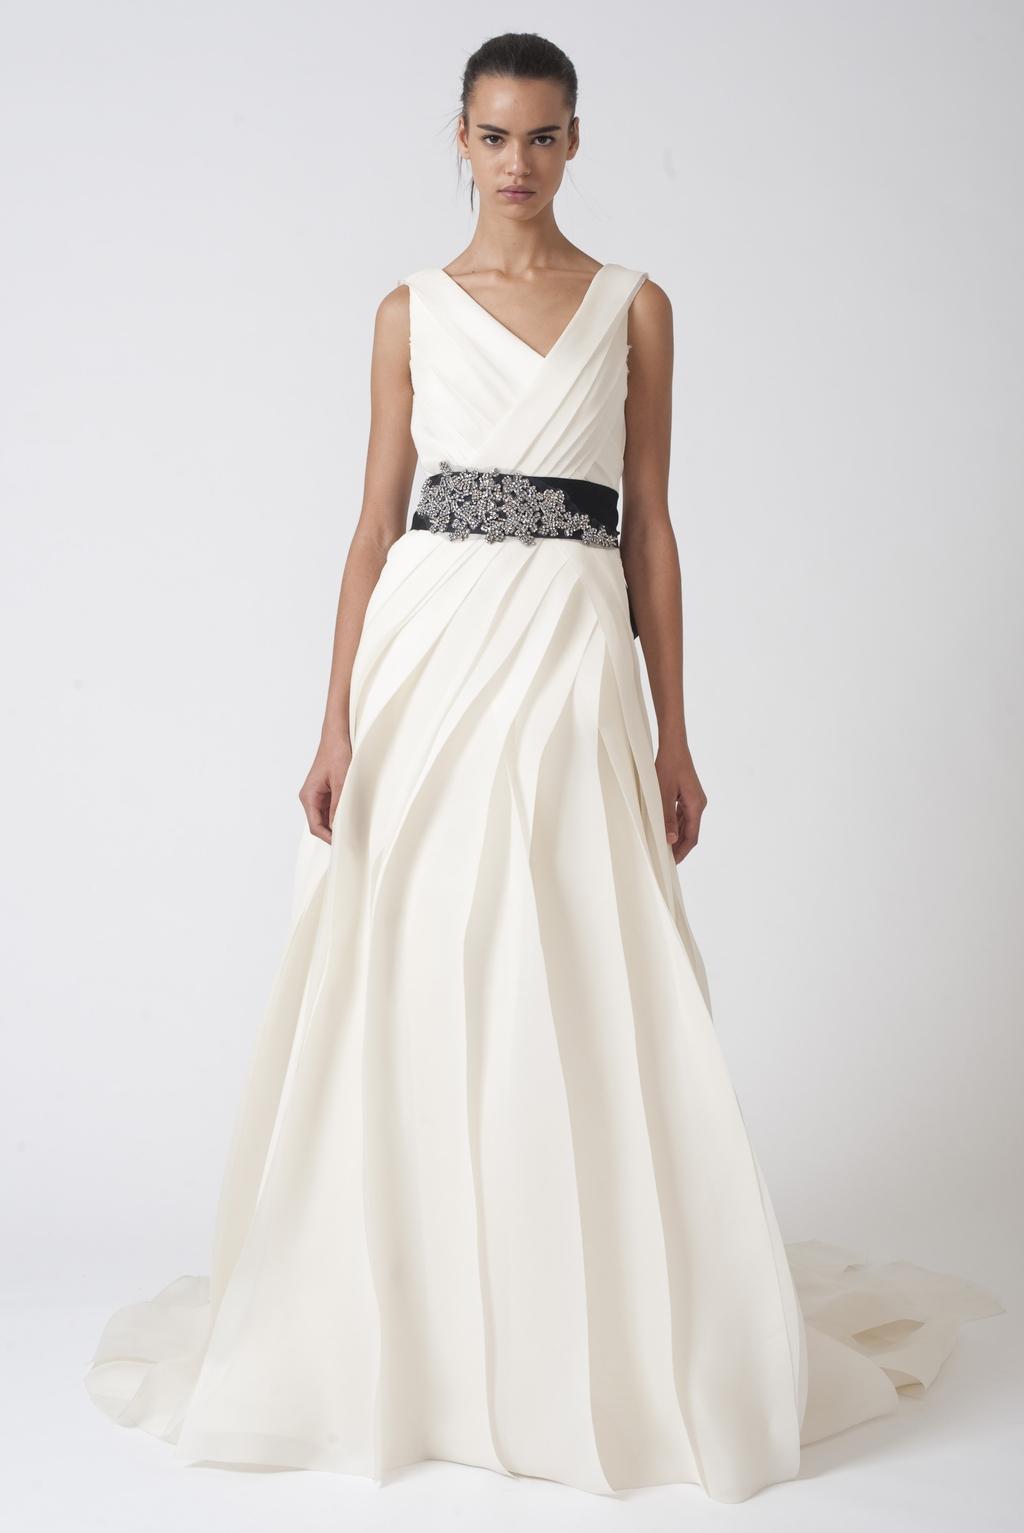 Vera-wang-wedding-dresses-fall-2010-12.full